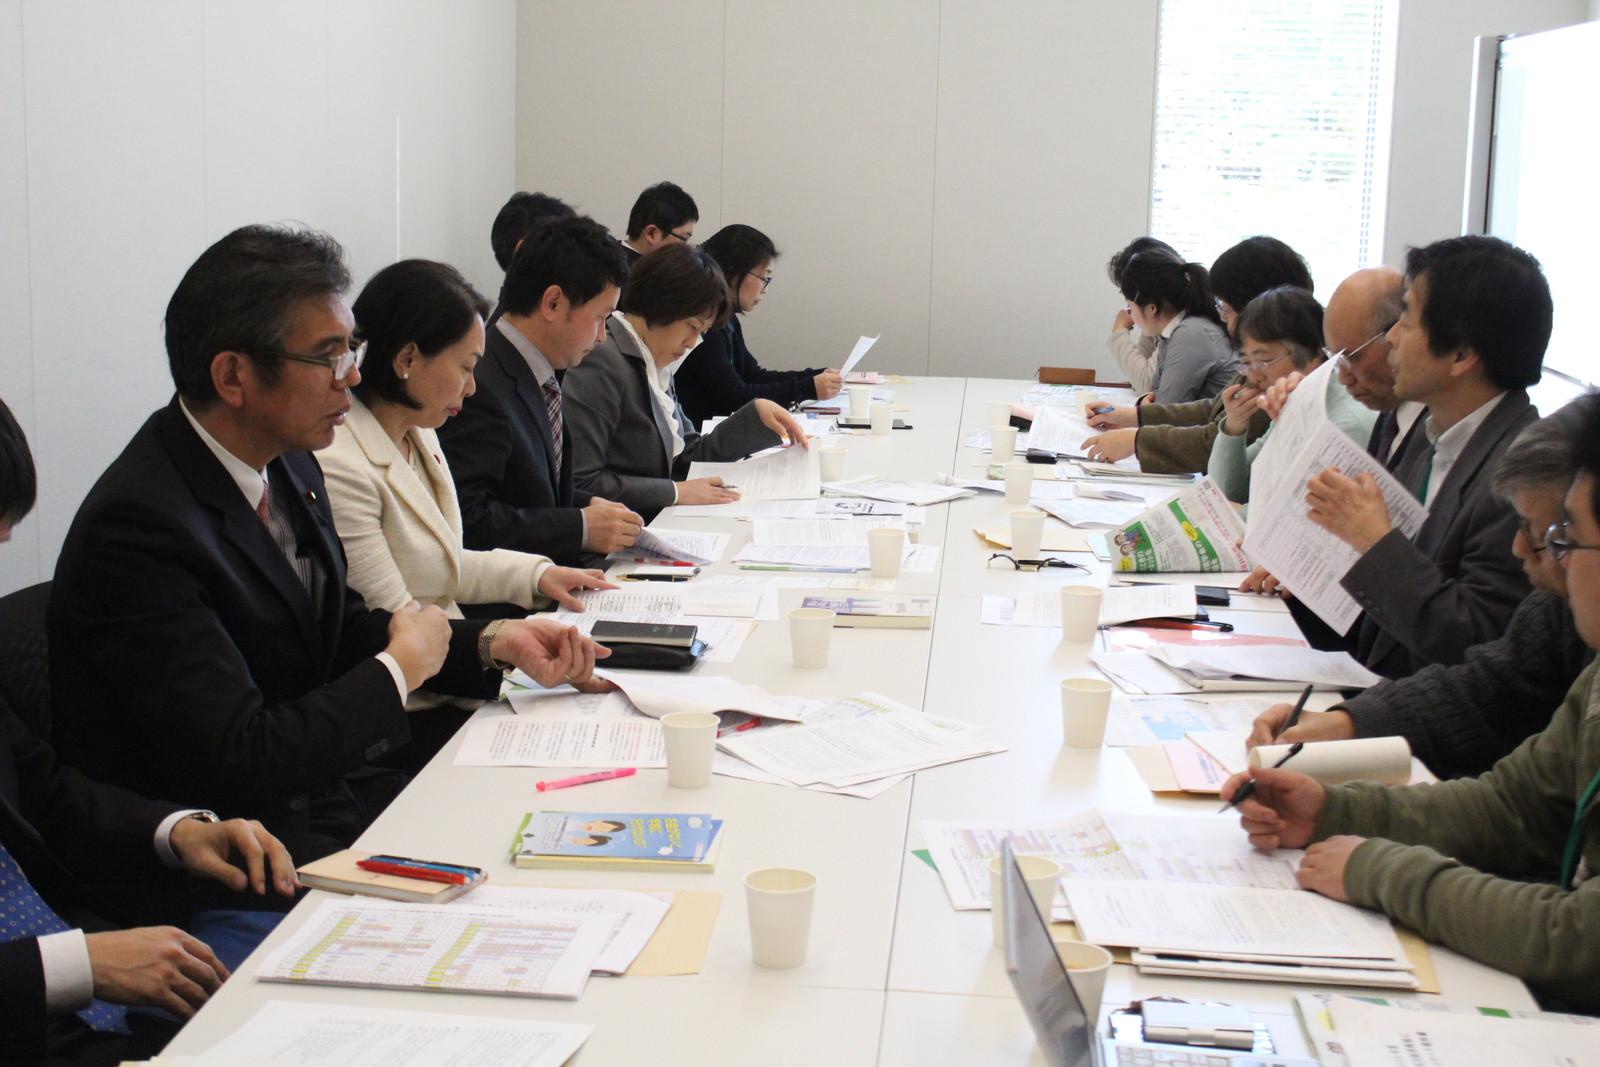 奨学金の会の人たちから実態を聞く(左から)宮本、畑野、大平、田村の各氏=19日、衆院第1議員会館